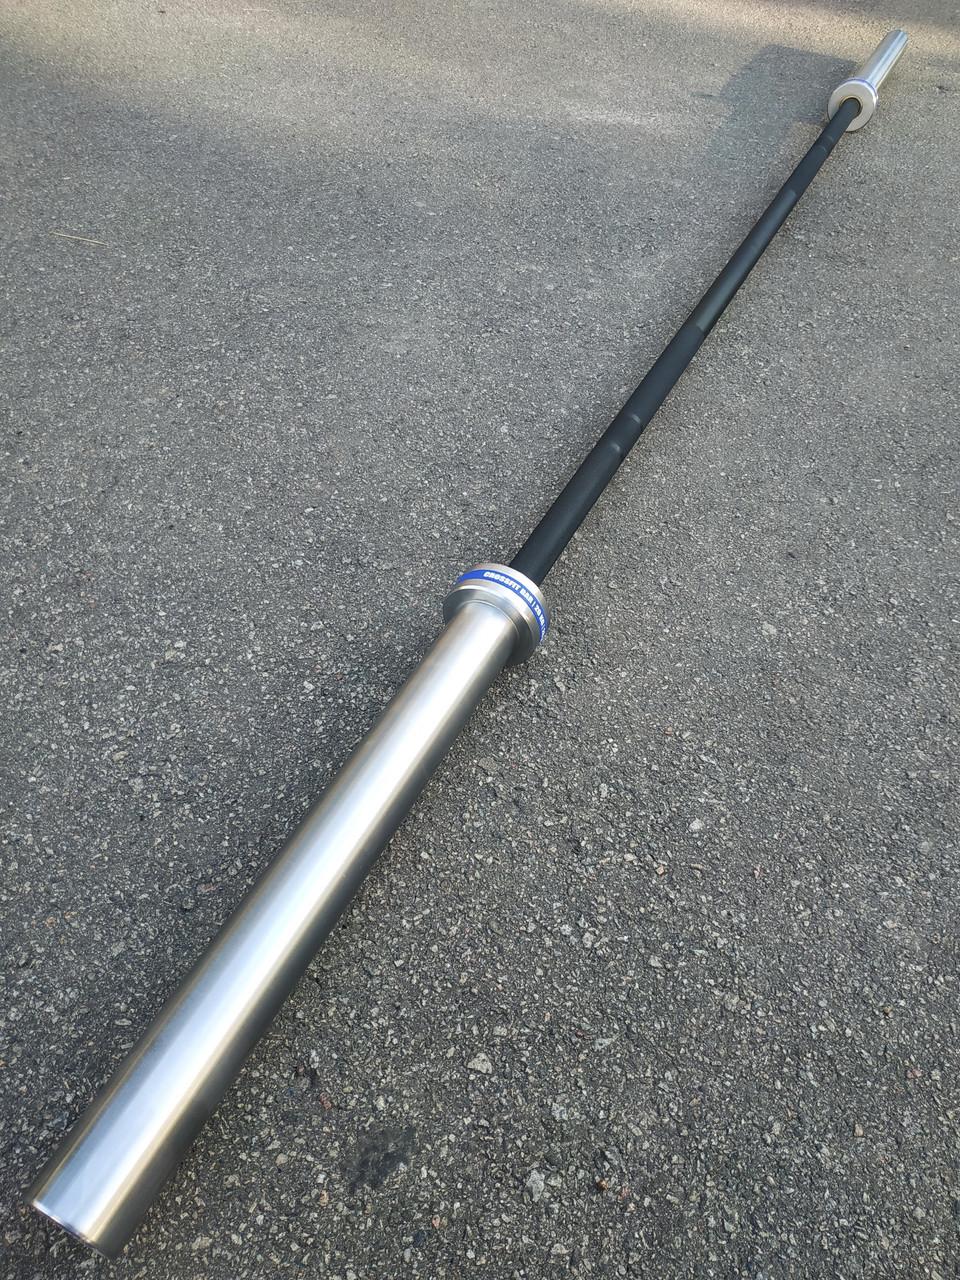 Гриф олимпийский для кроссфита, тяжелой атлетики 220 см, 450 кг, 4 подшипников, 28 мм (CrossFit)